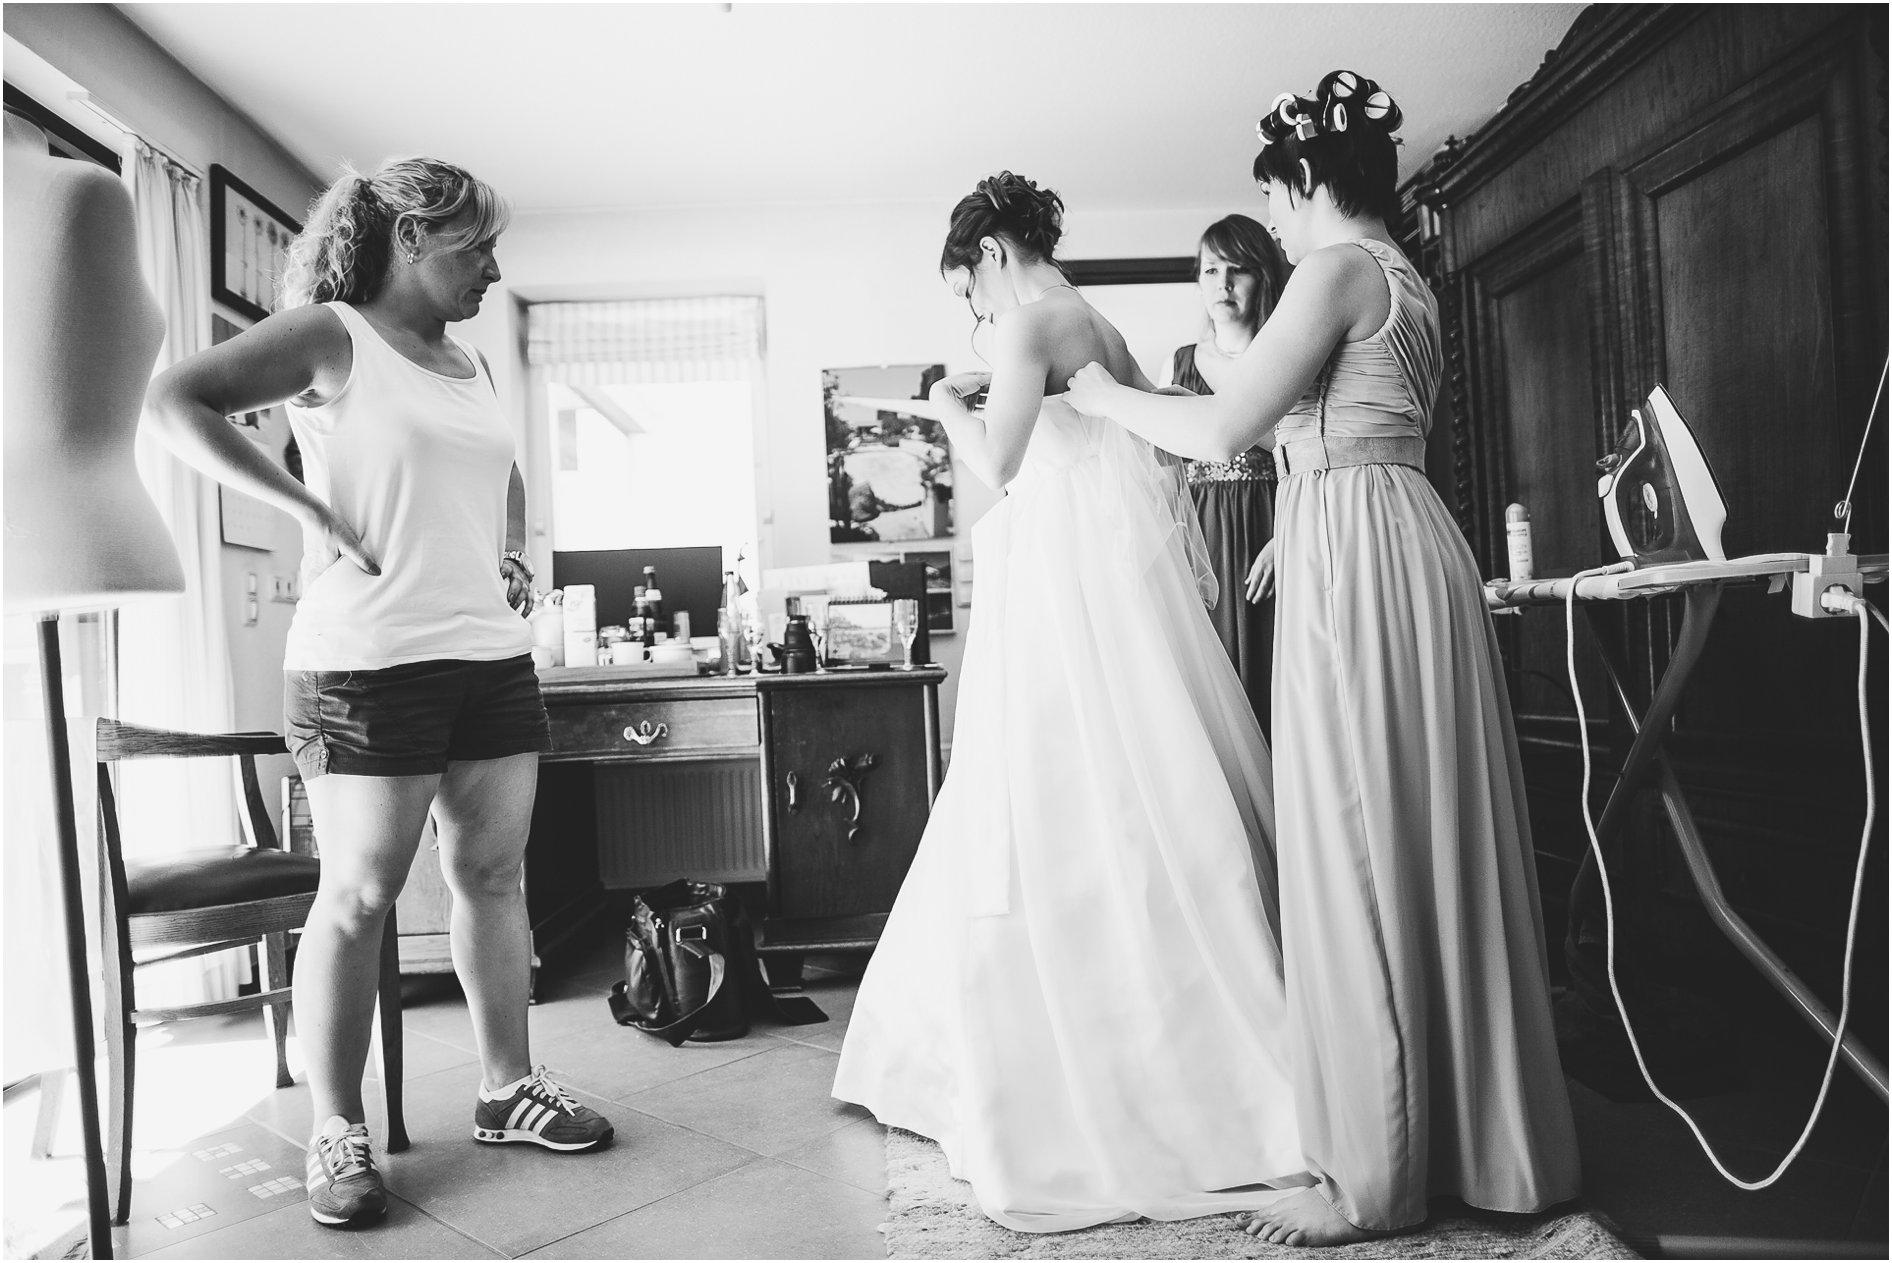 2014-08-07_0022 Wiebke und Marcio - Hochzeitsfotograf in Lüneburg